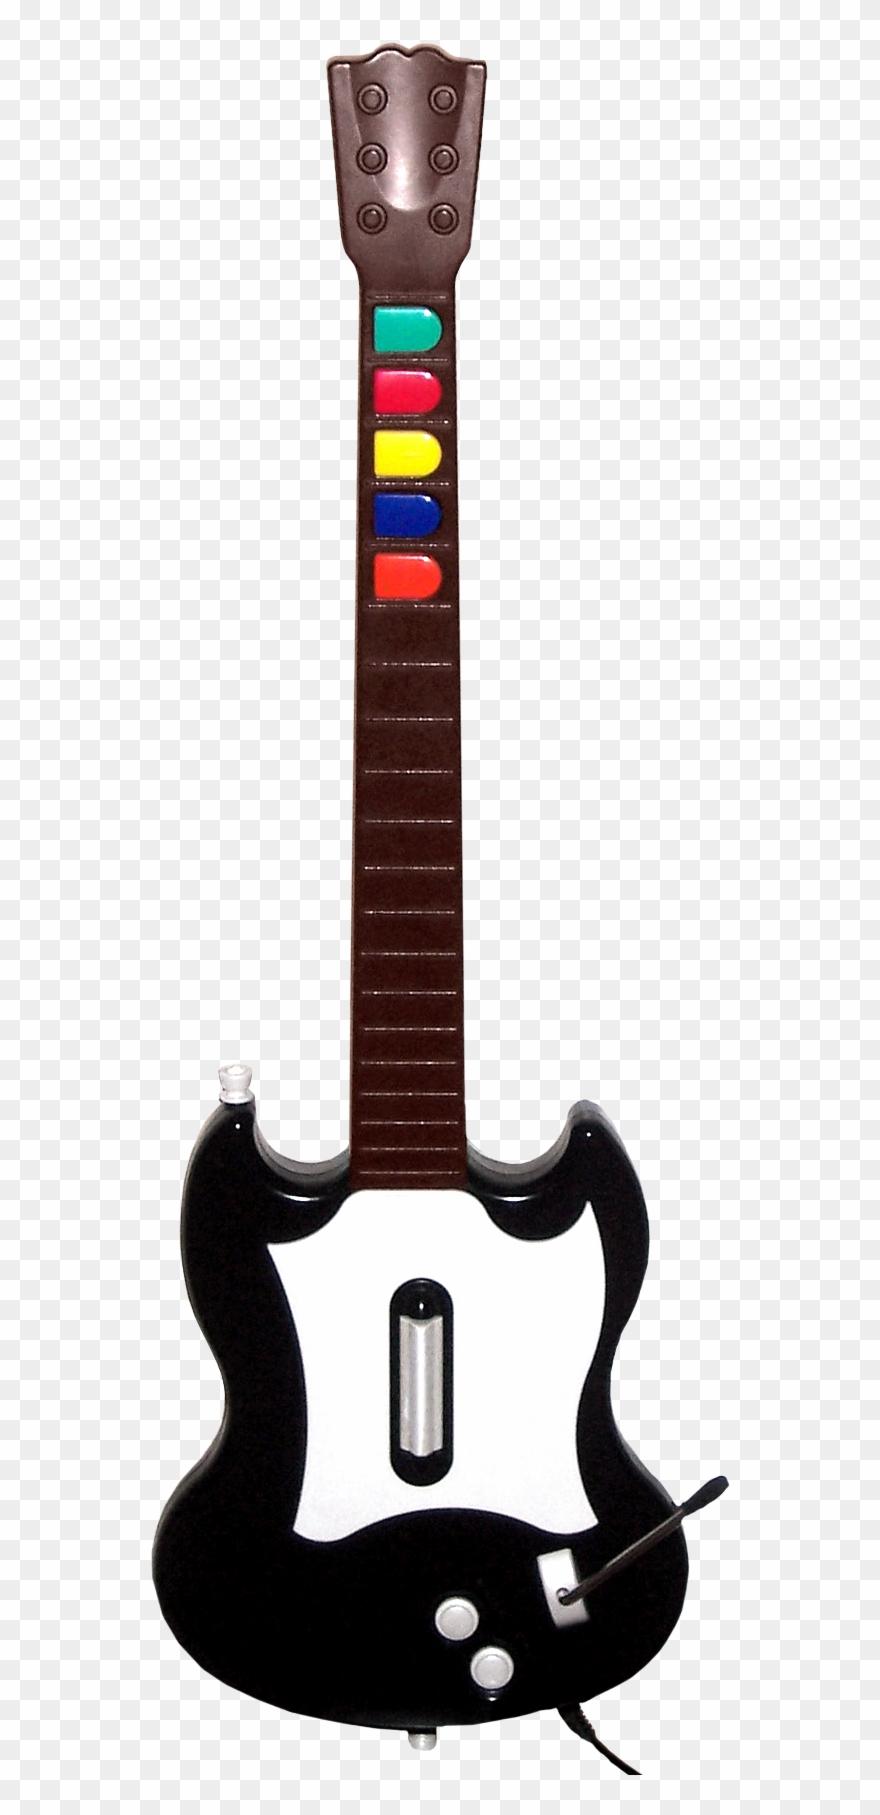 Bass controller png . Musician clipart guitar hero